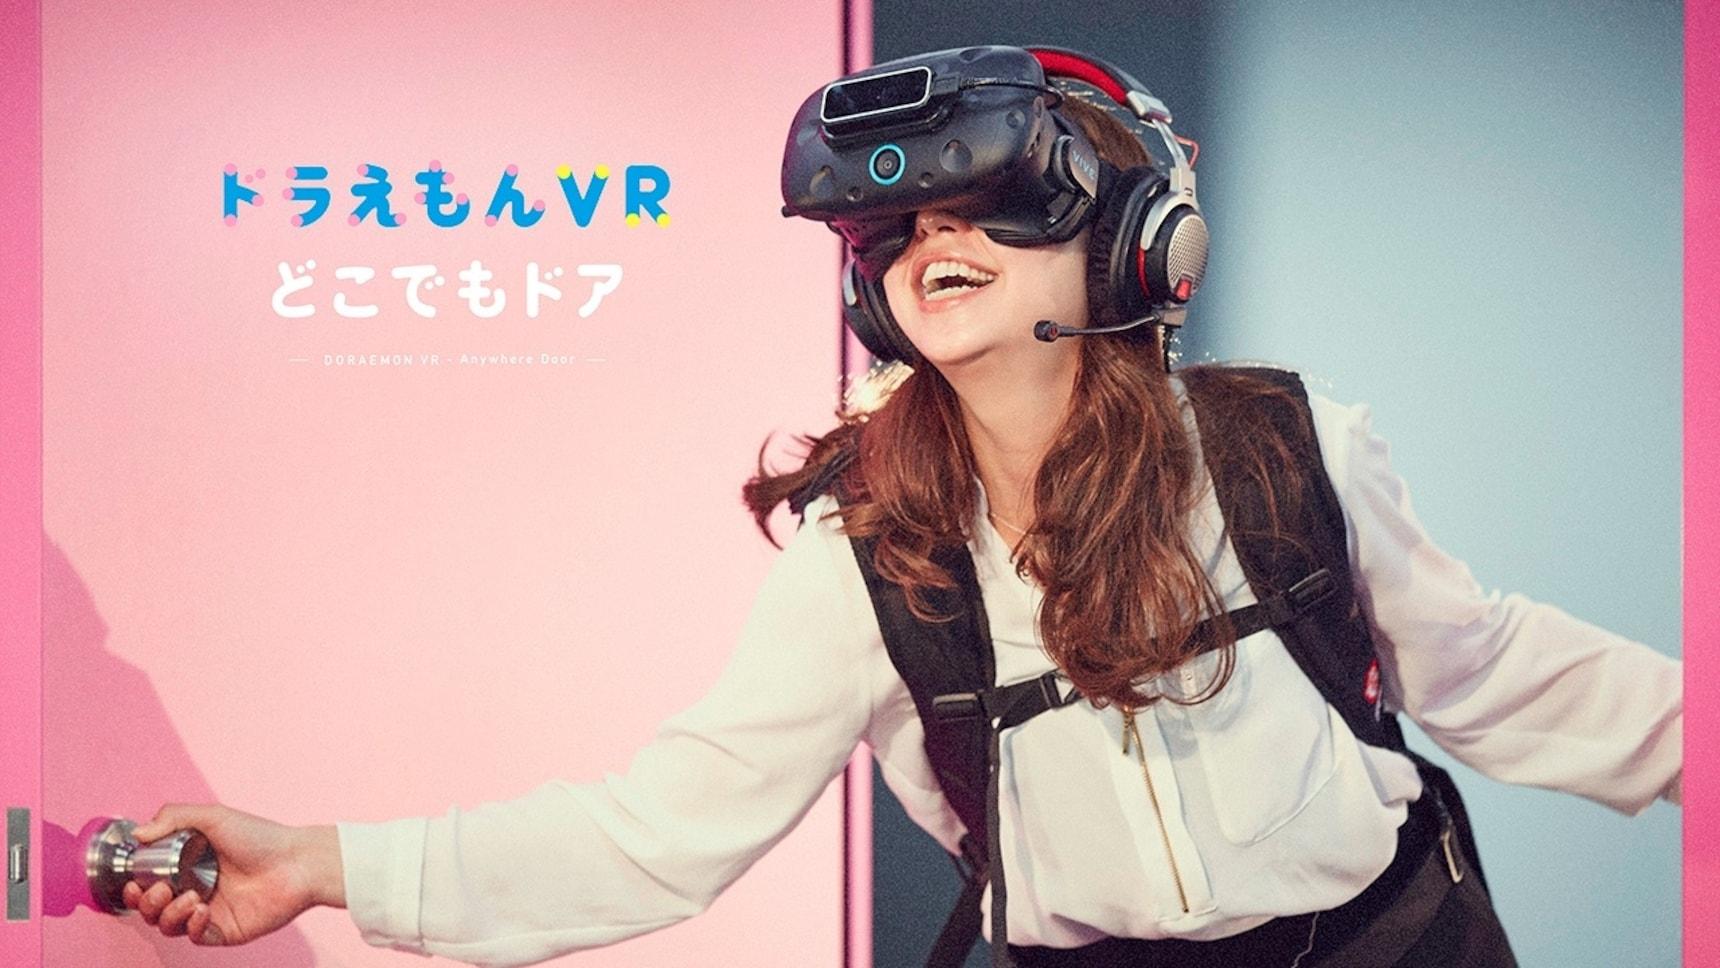 帶上眼罩我就變身 —「哆啦A夢的VR隨意門」體驗